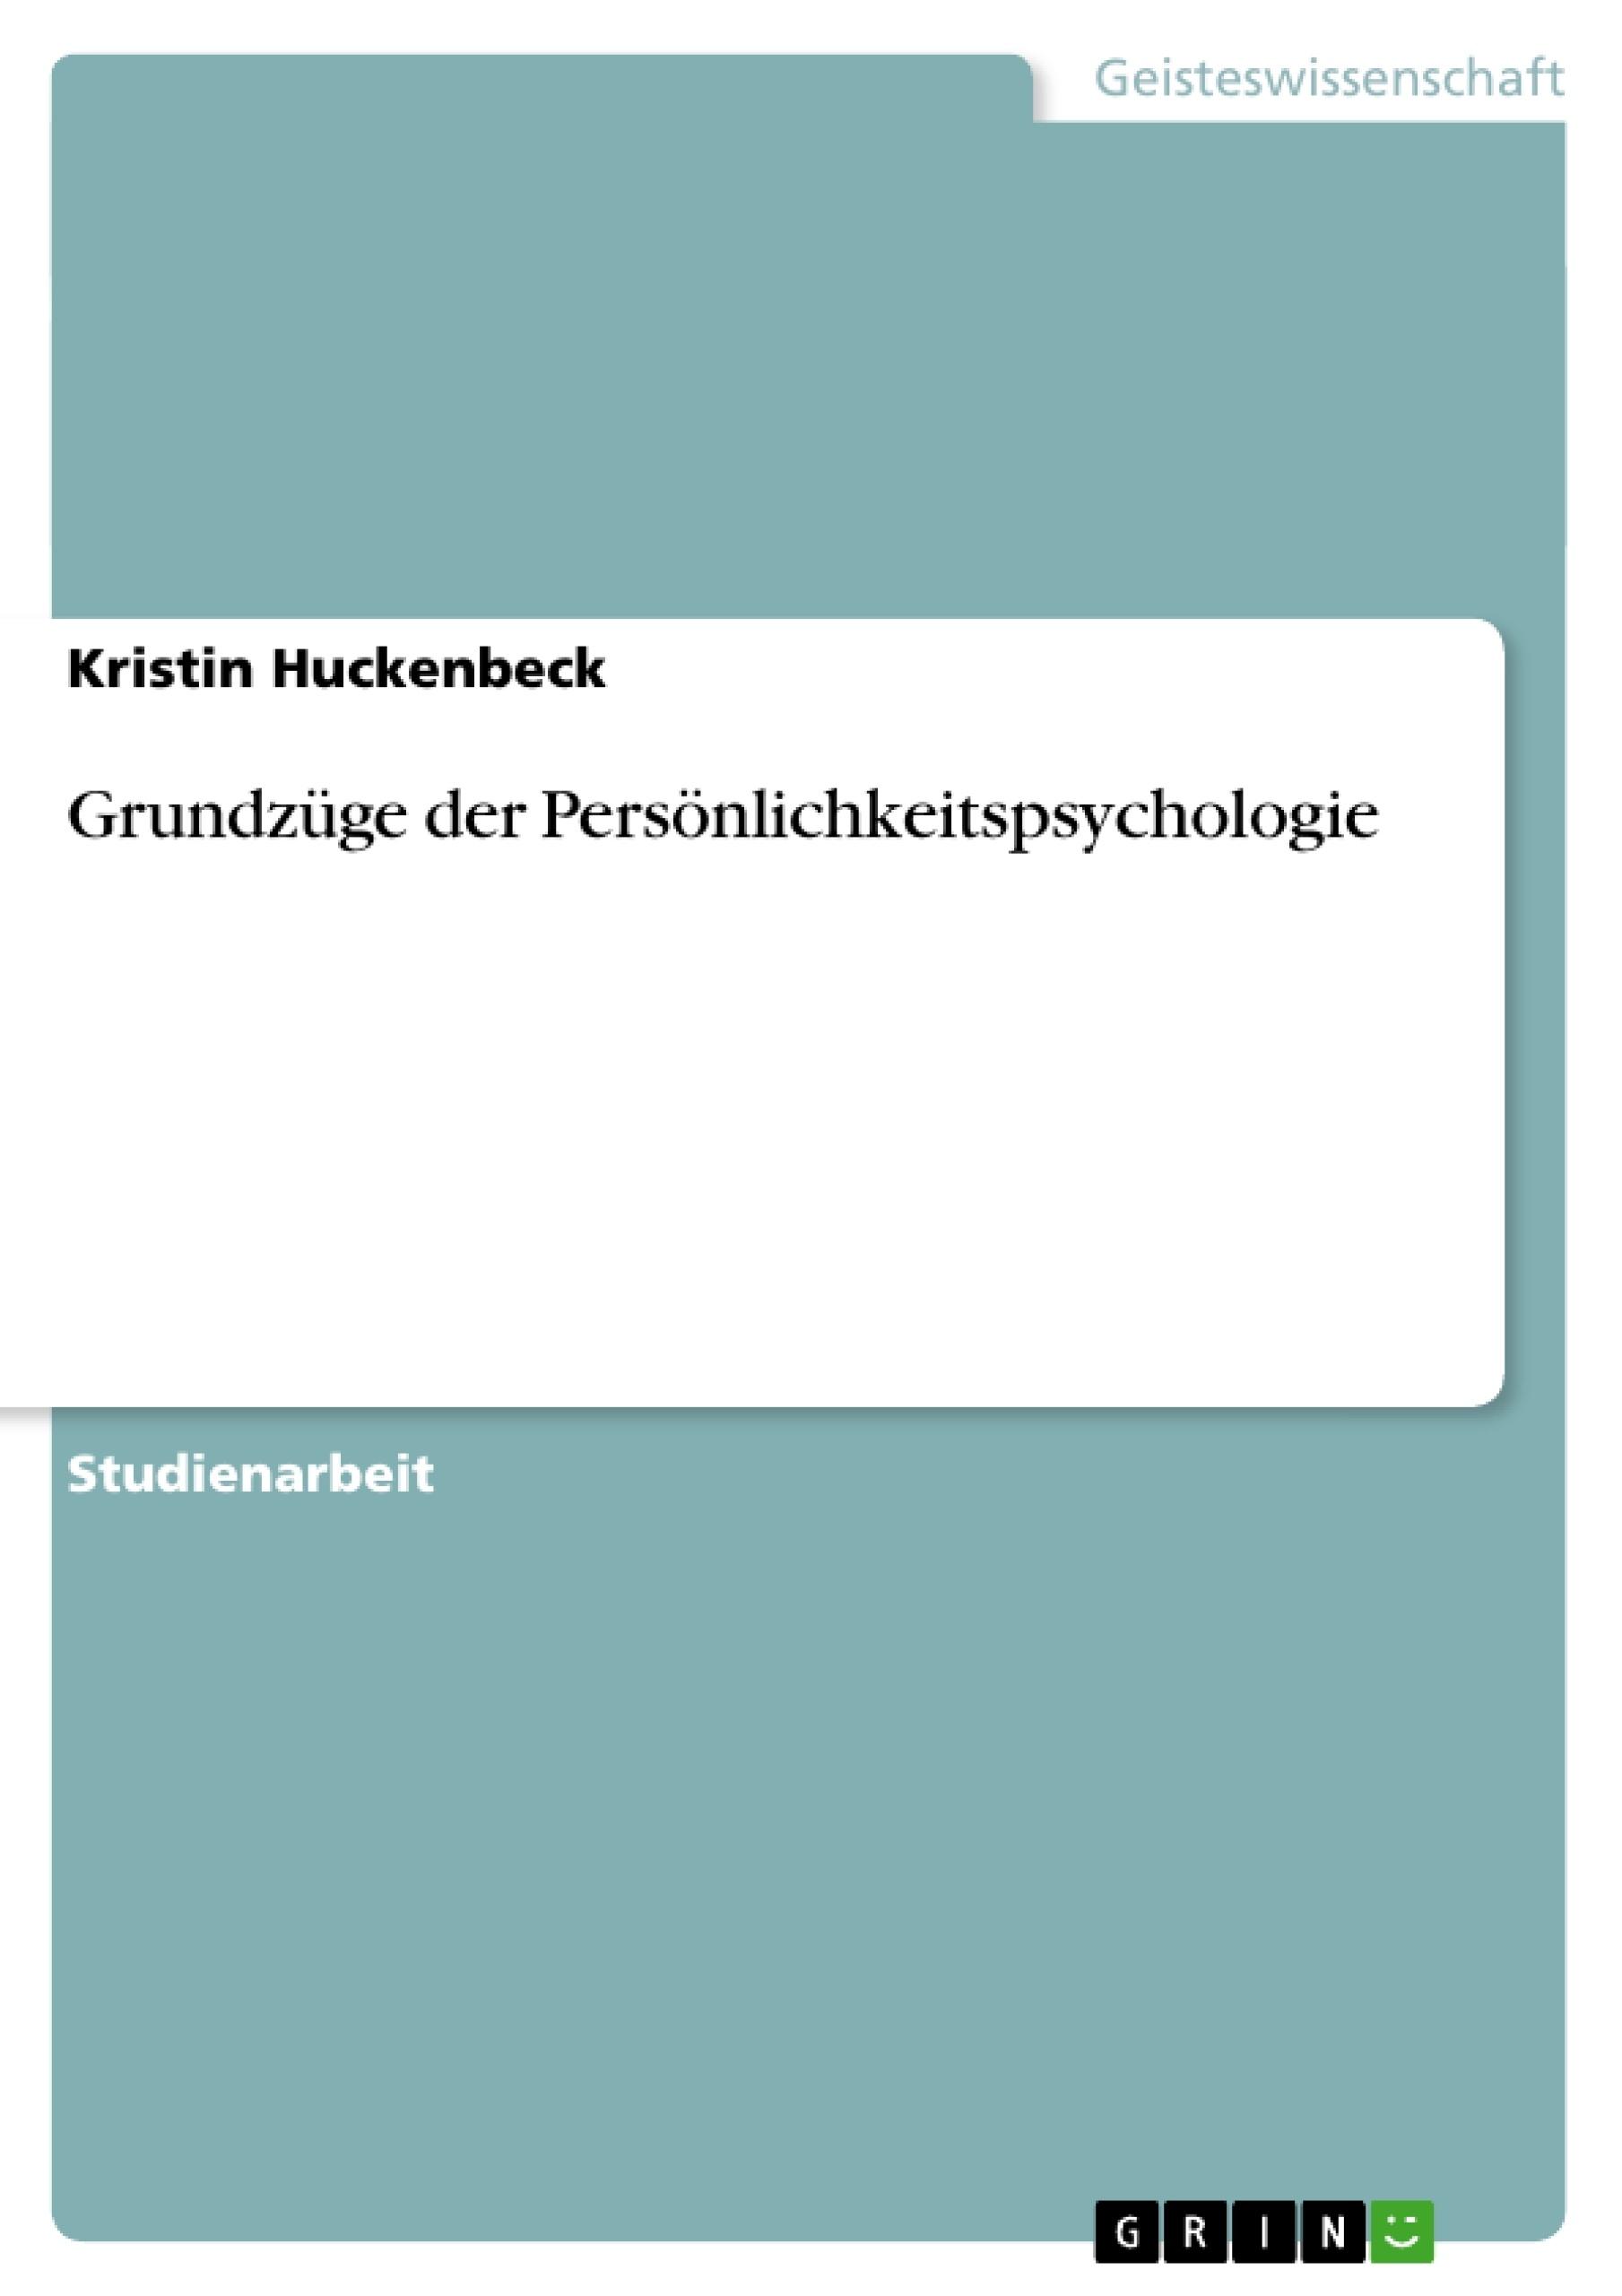 Titel: Grundzüge der Persönlichkeitspsychologie